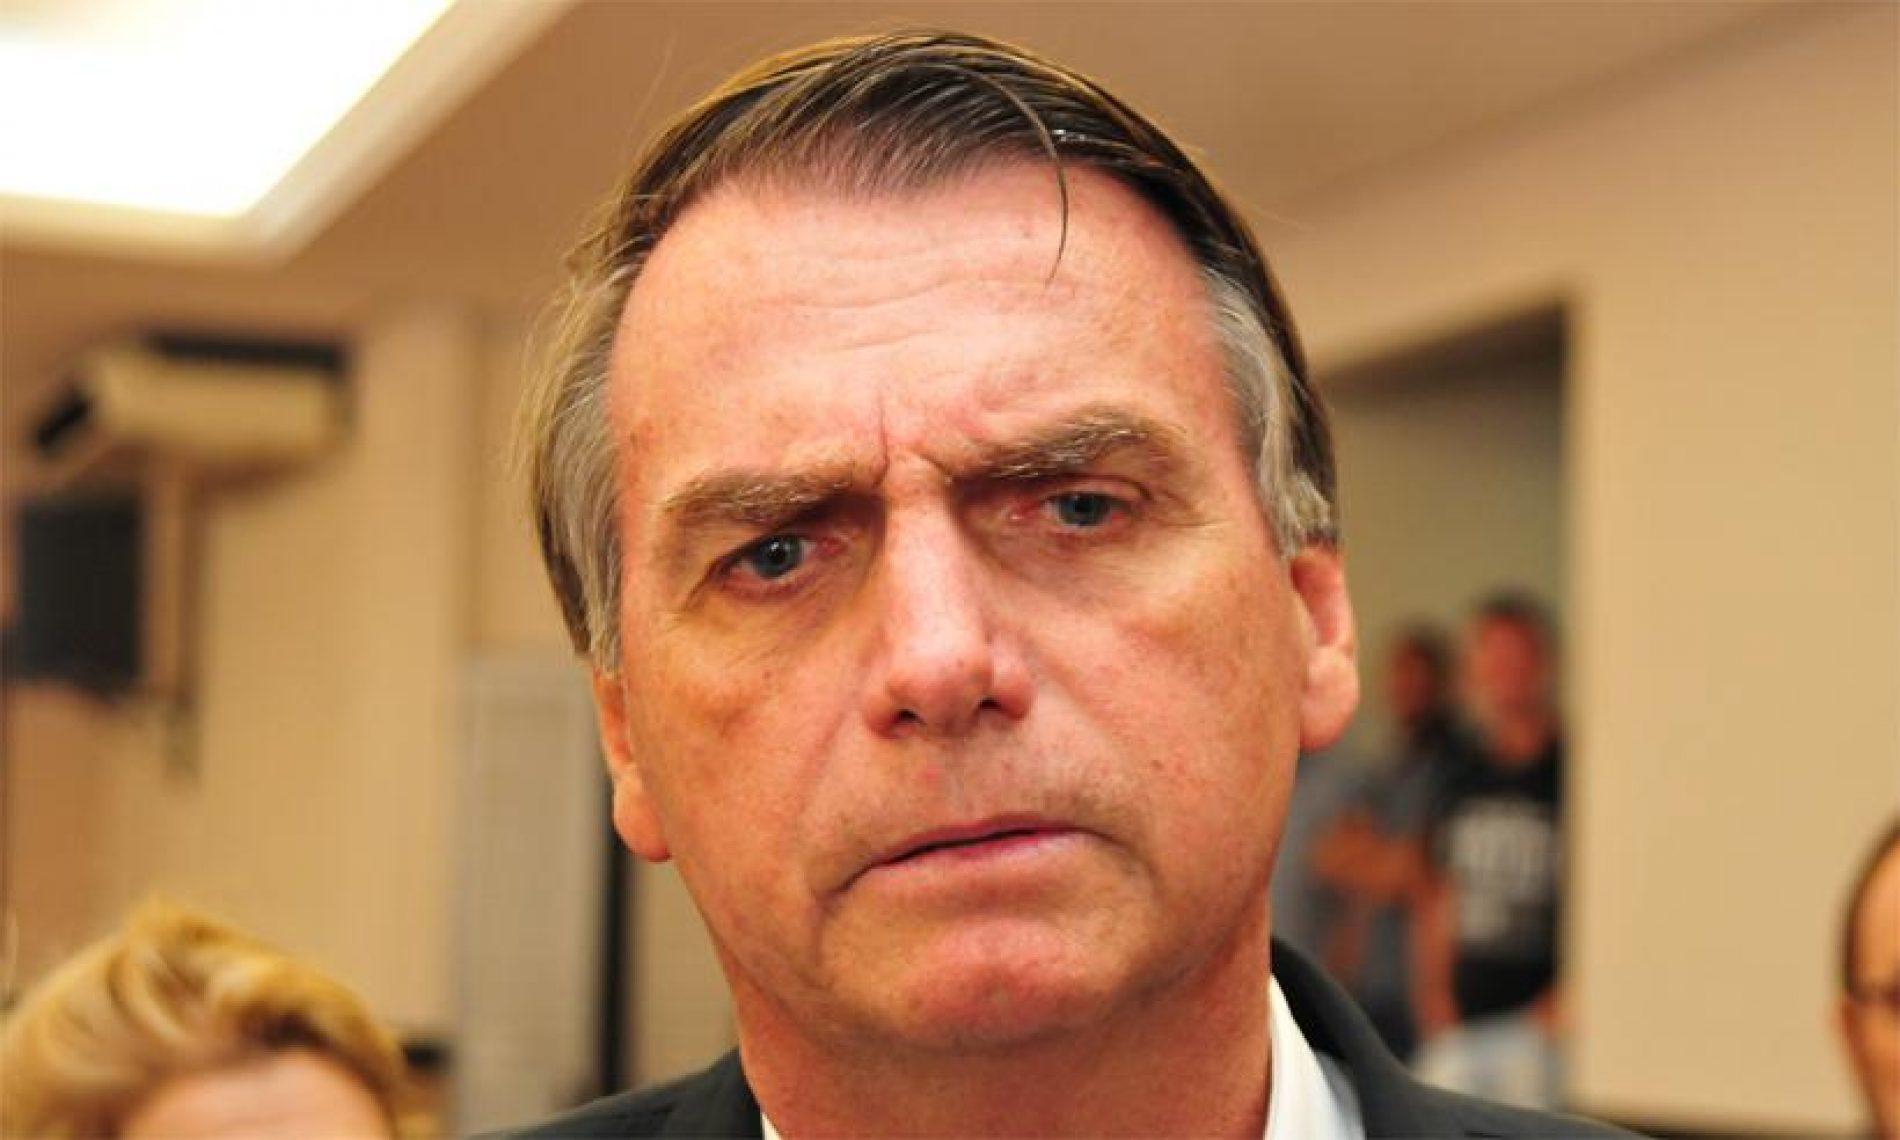 'Não acredito em Bolsonaro paz e amor', diz filho do candidato